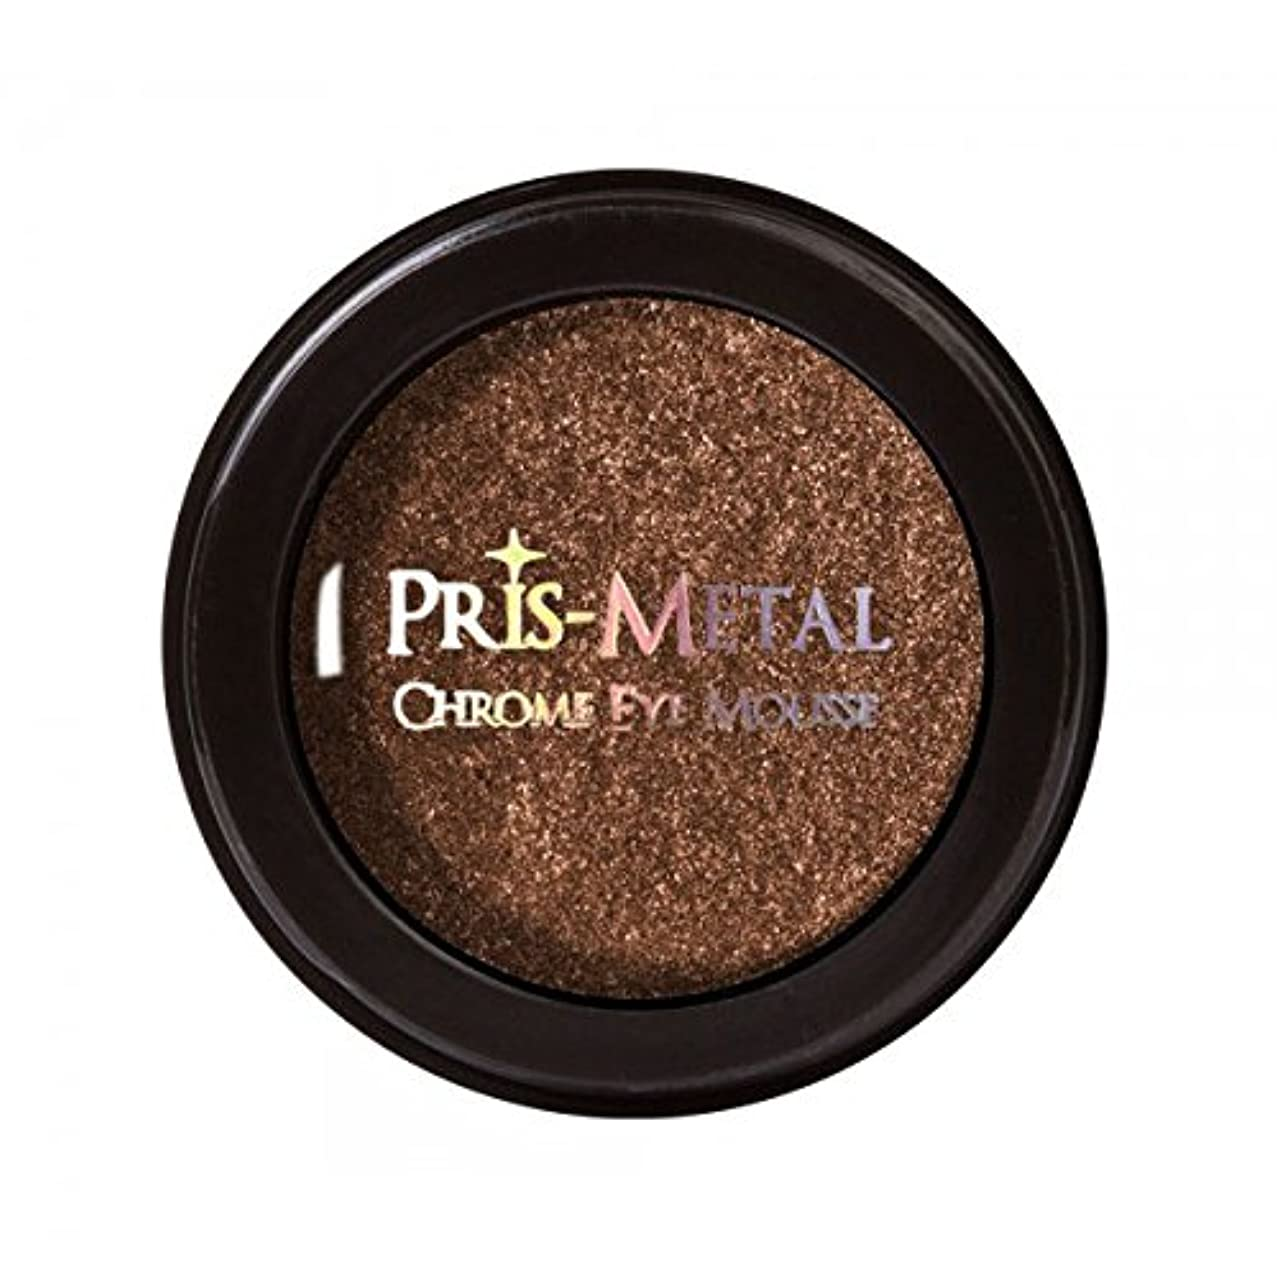 J. CAT BEAUTY Pris-Metal Chrome Eye Mousse - Coil Braid (並行輸入品)